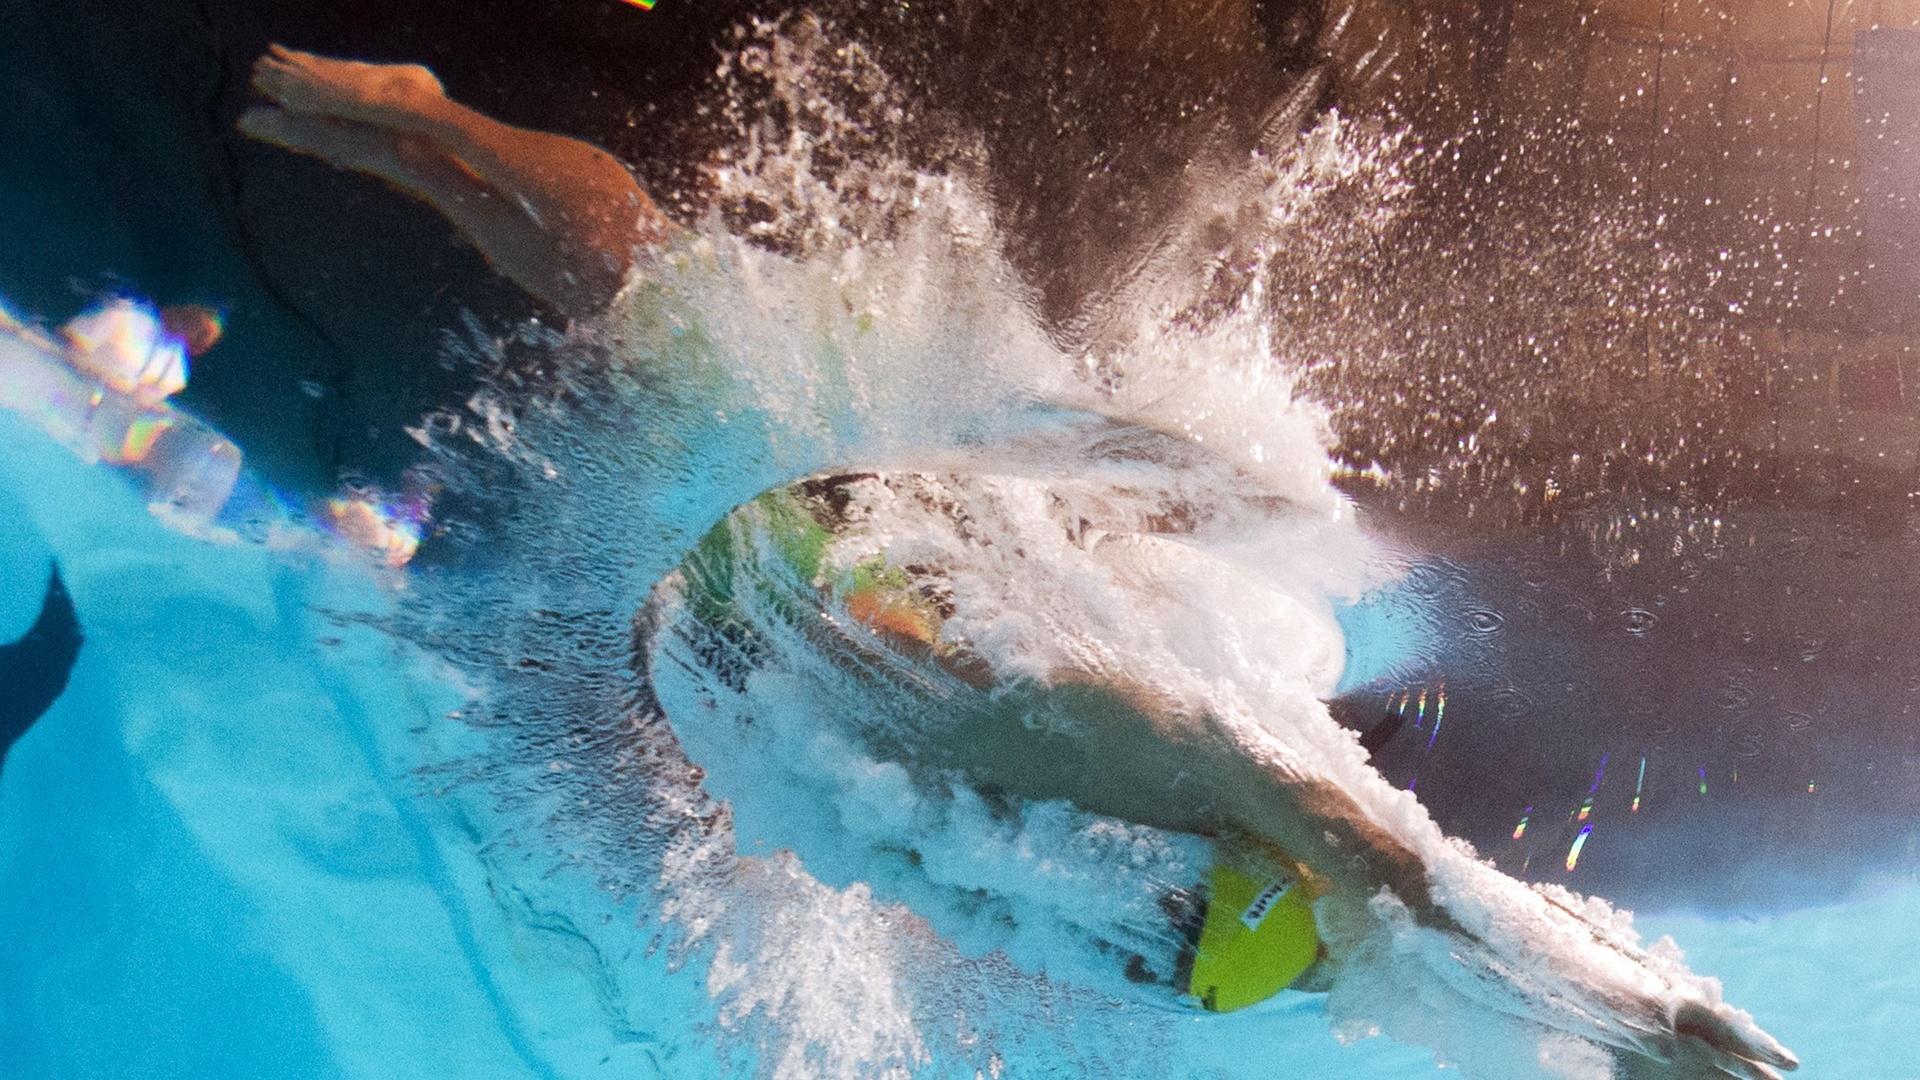 نتيجة منشطات إيجابية تهدد أستراليا بسحب ميدالية أولمبية